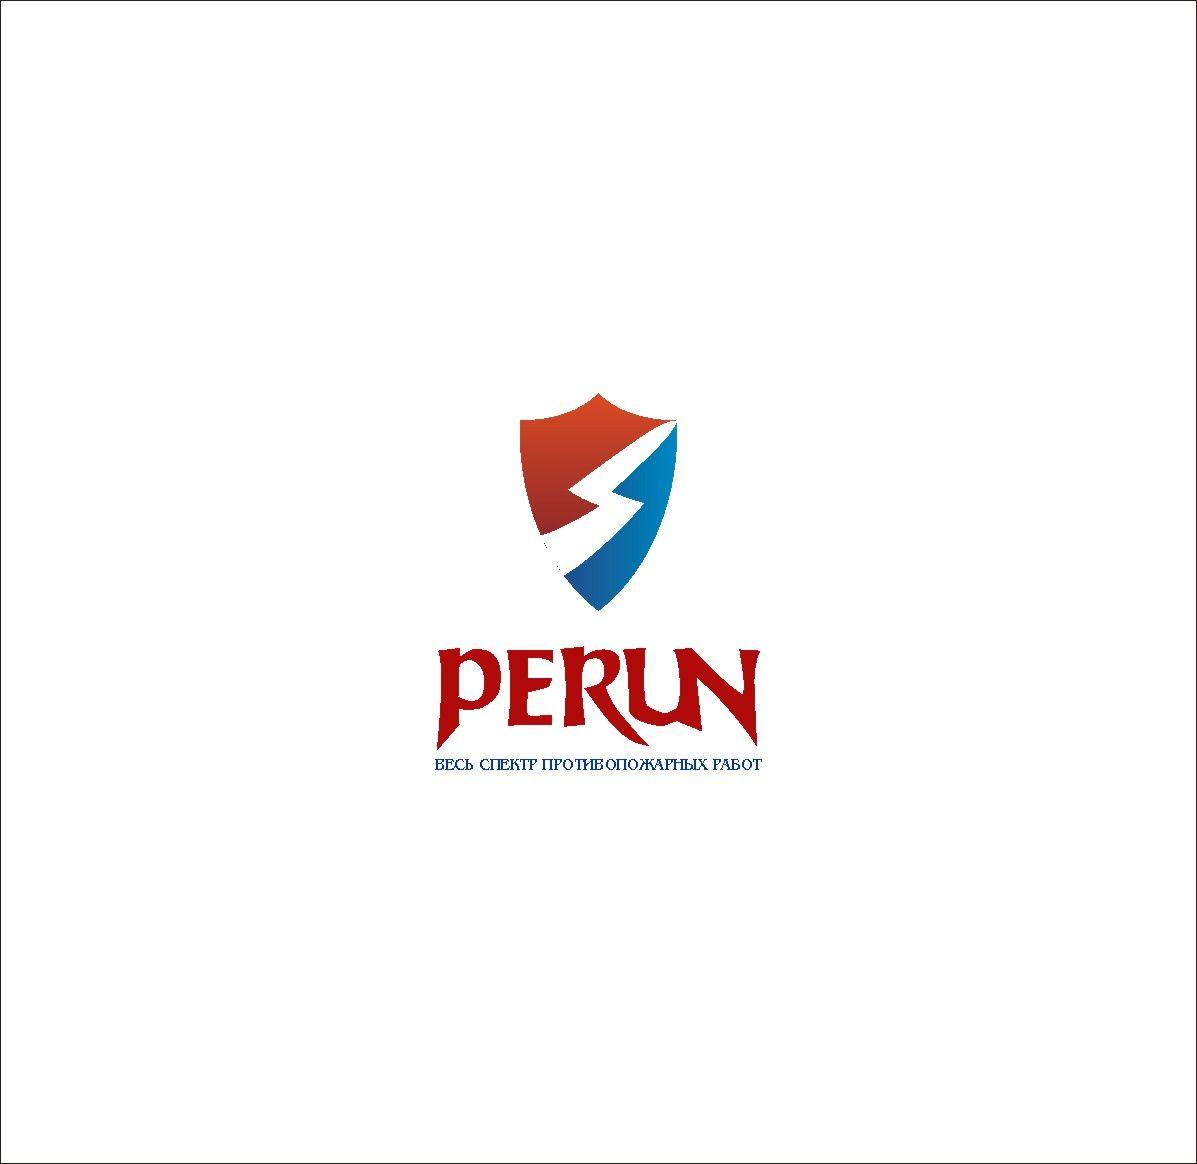 Логотип для компании пожарной безопасности Перун - дизайнер radchuk-ruslan